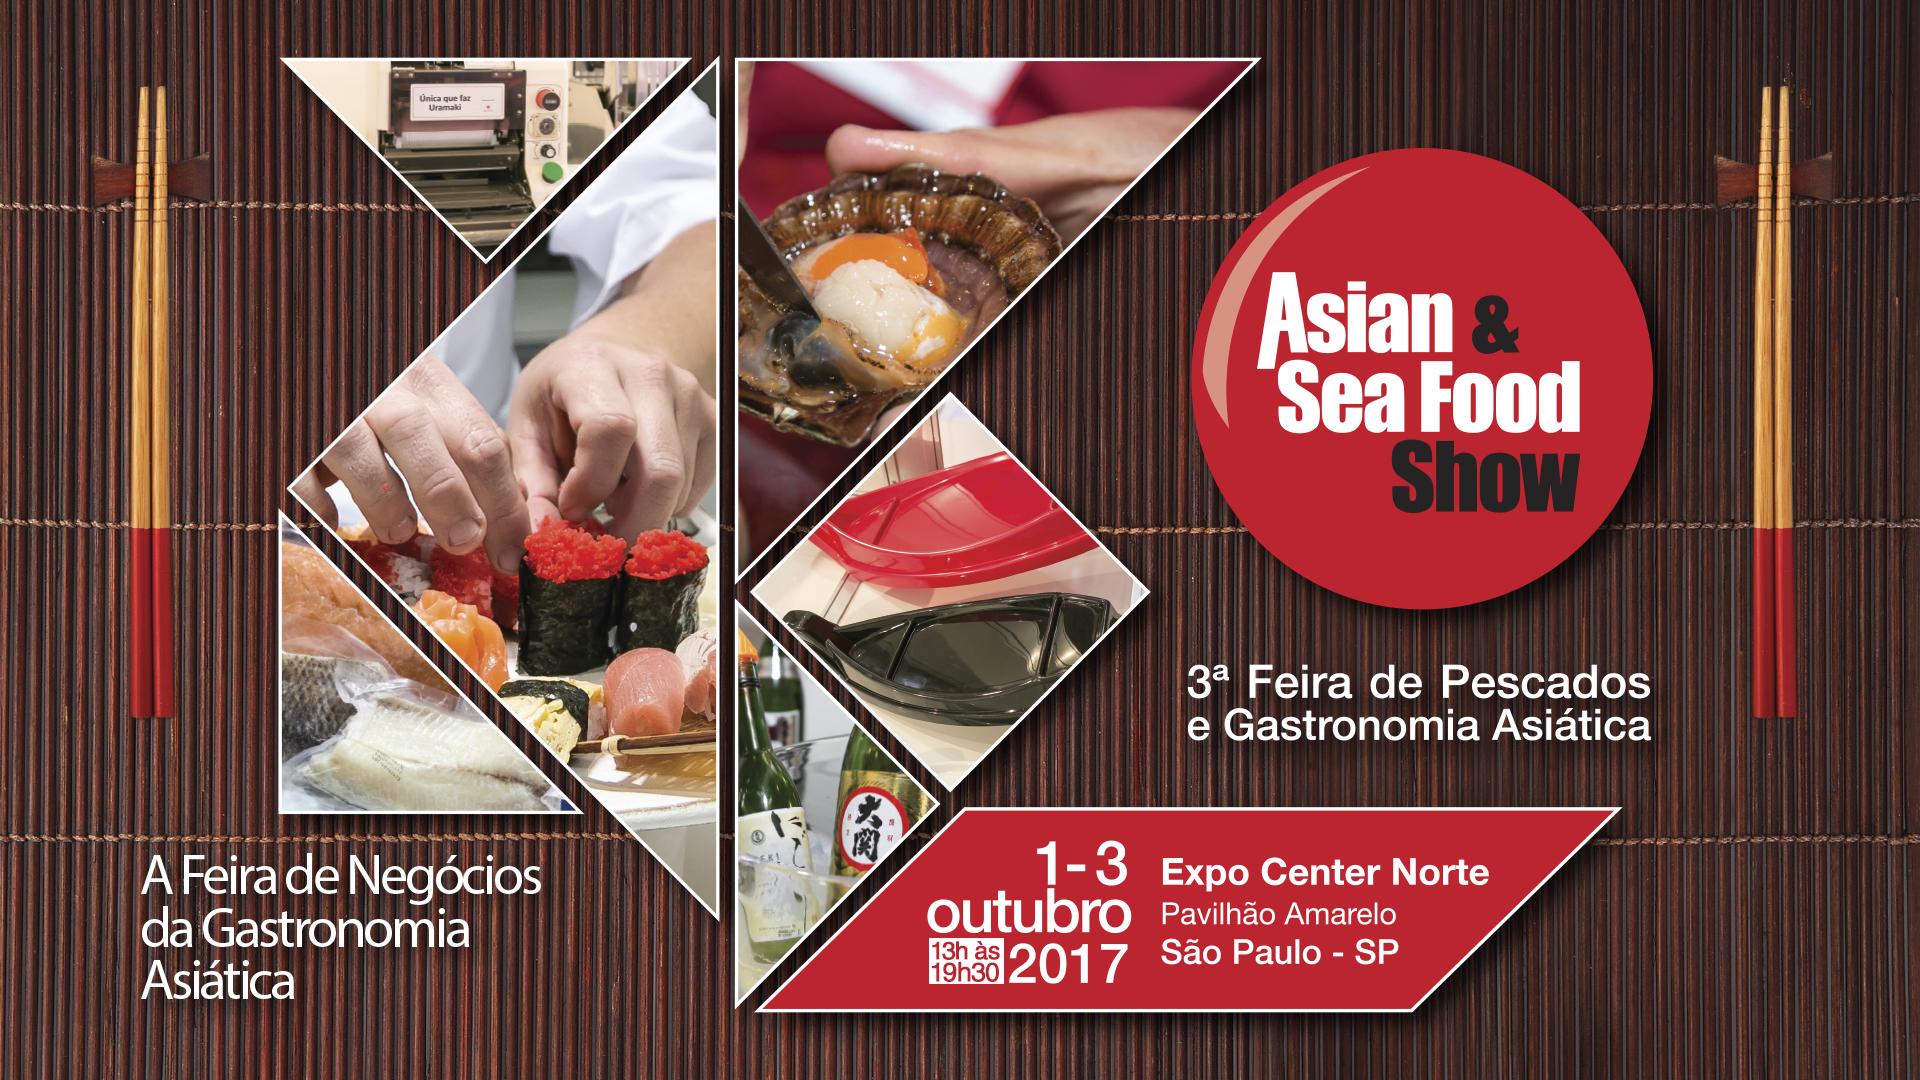 Evento Asian Sea Food Show 2017